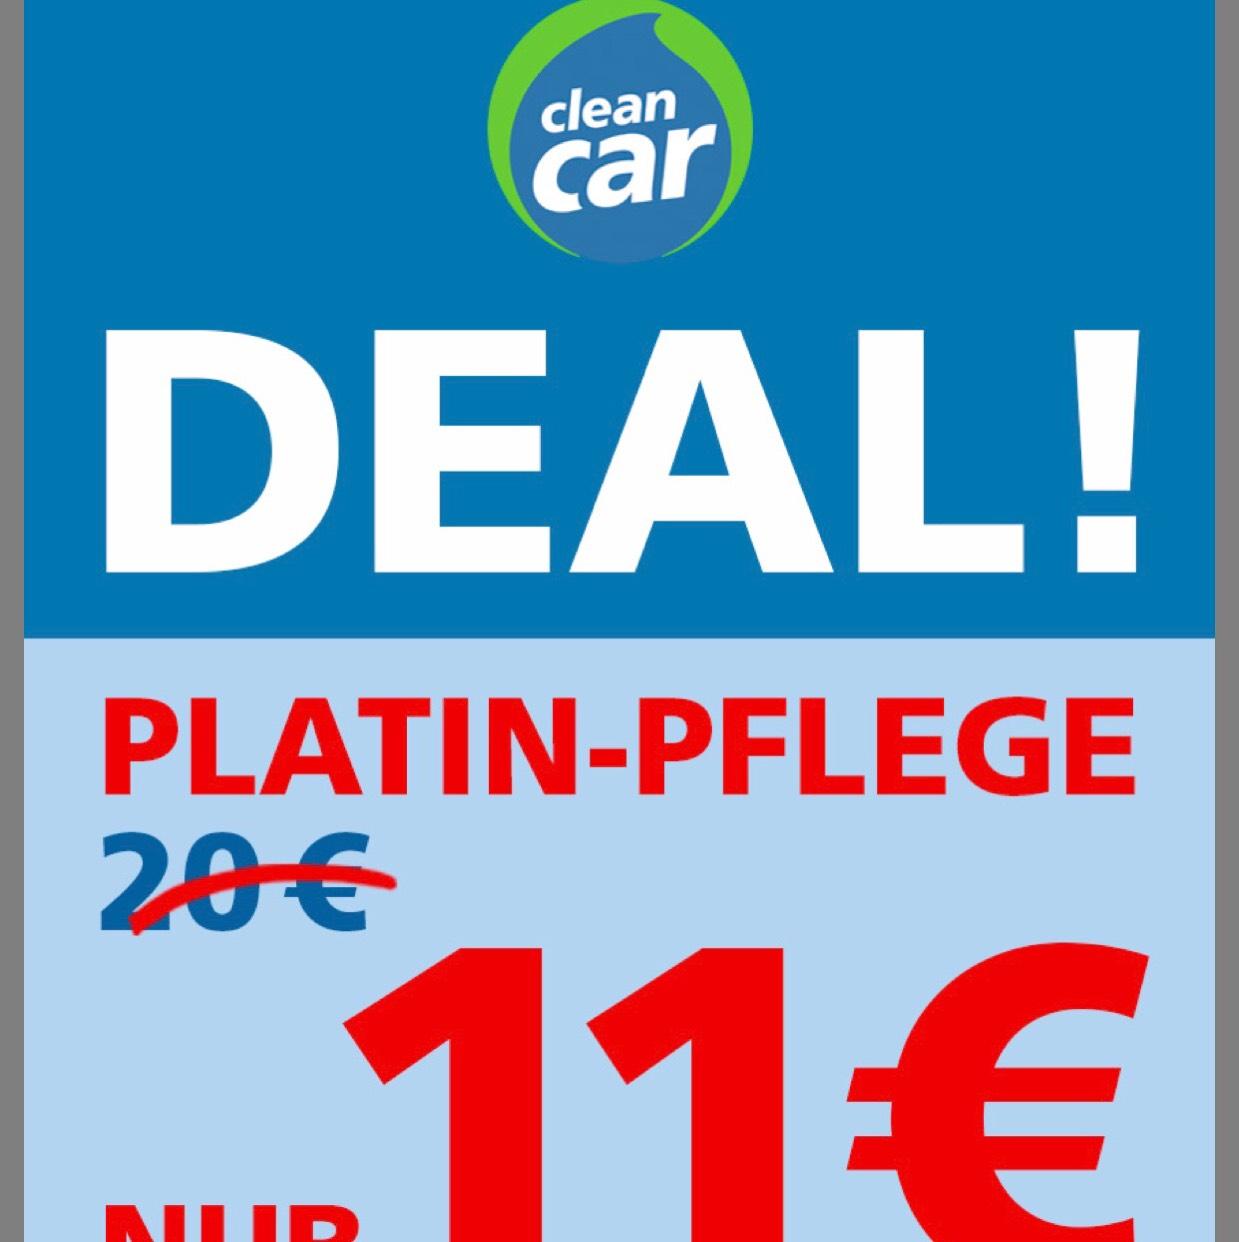 CleanCar nur in Berlin gültig, bis 18.02.2018